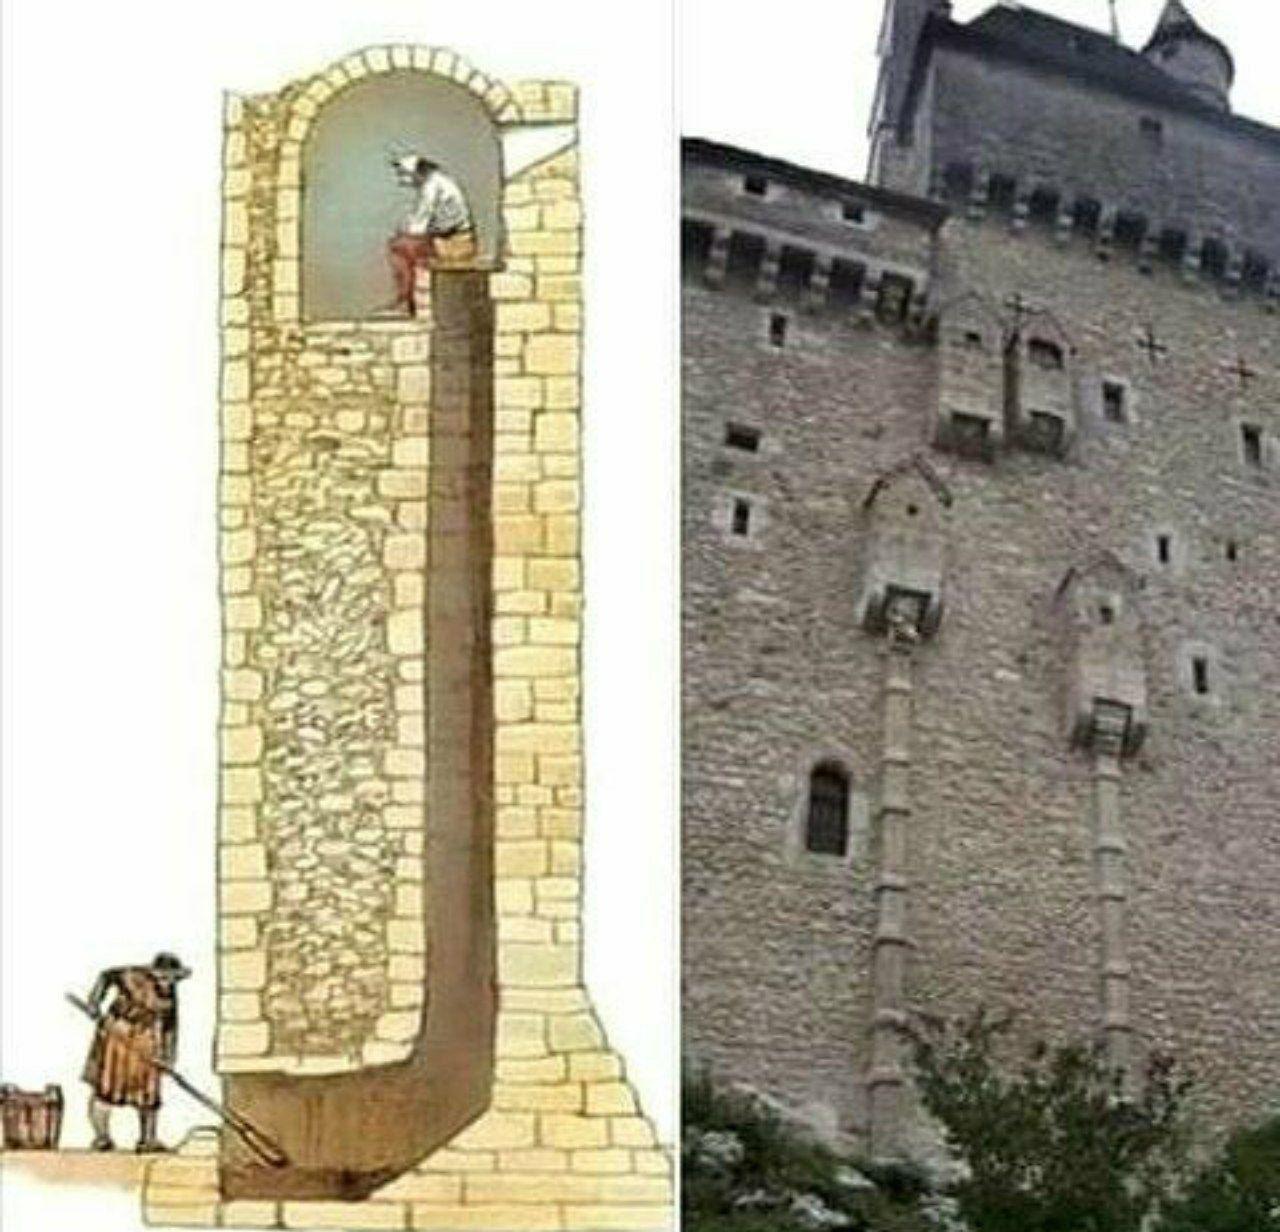 Как работали уборные в замках средневековья